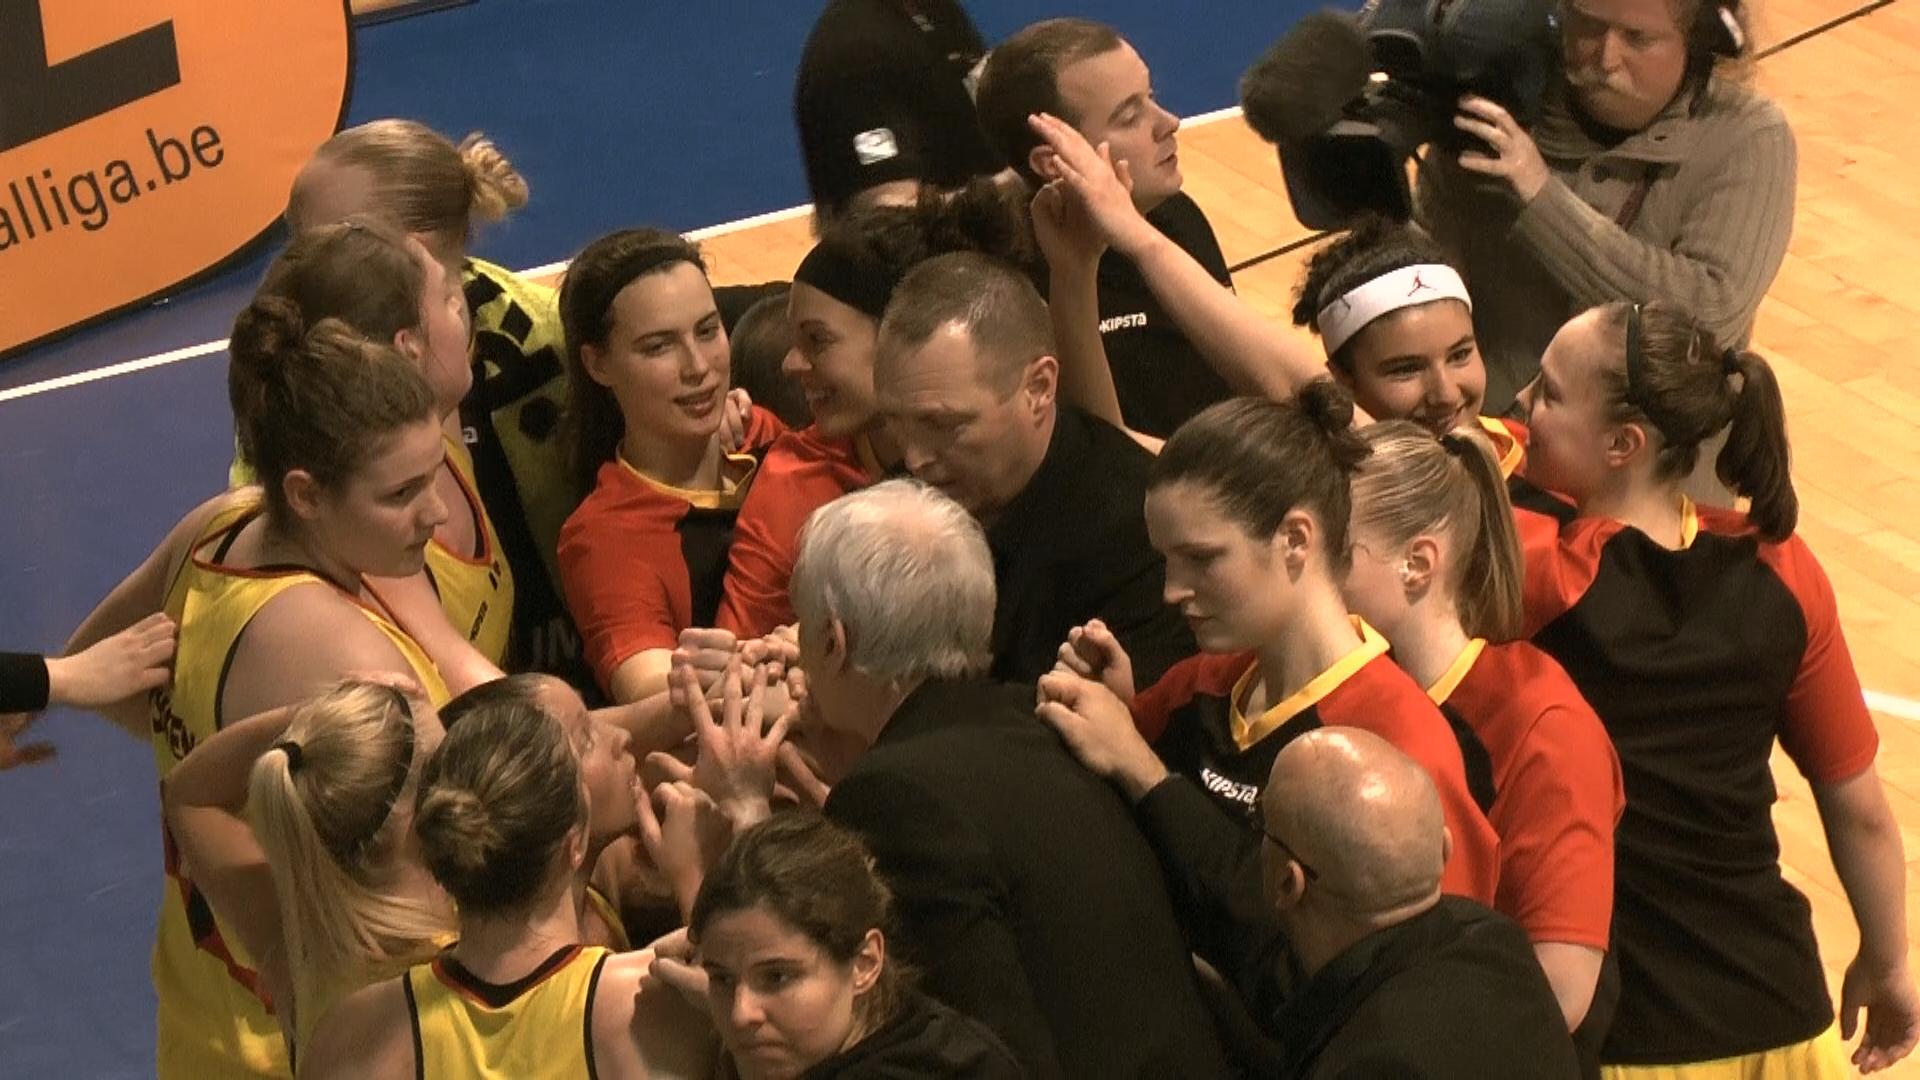 Euro-2017 - Enorme victoire, avec la manière, de la Belgique sur la Pologne 100 à 63